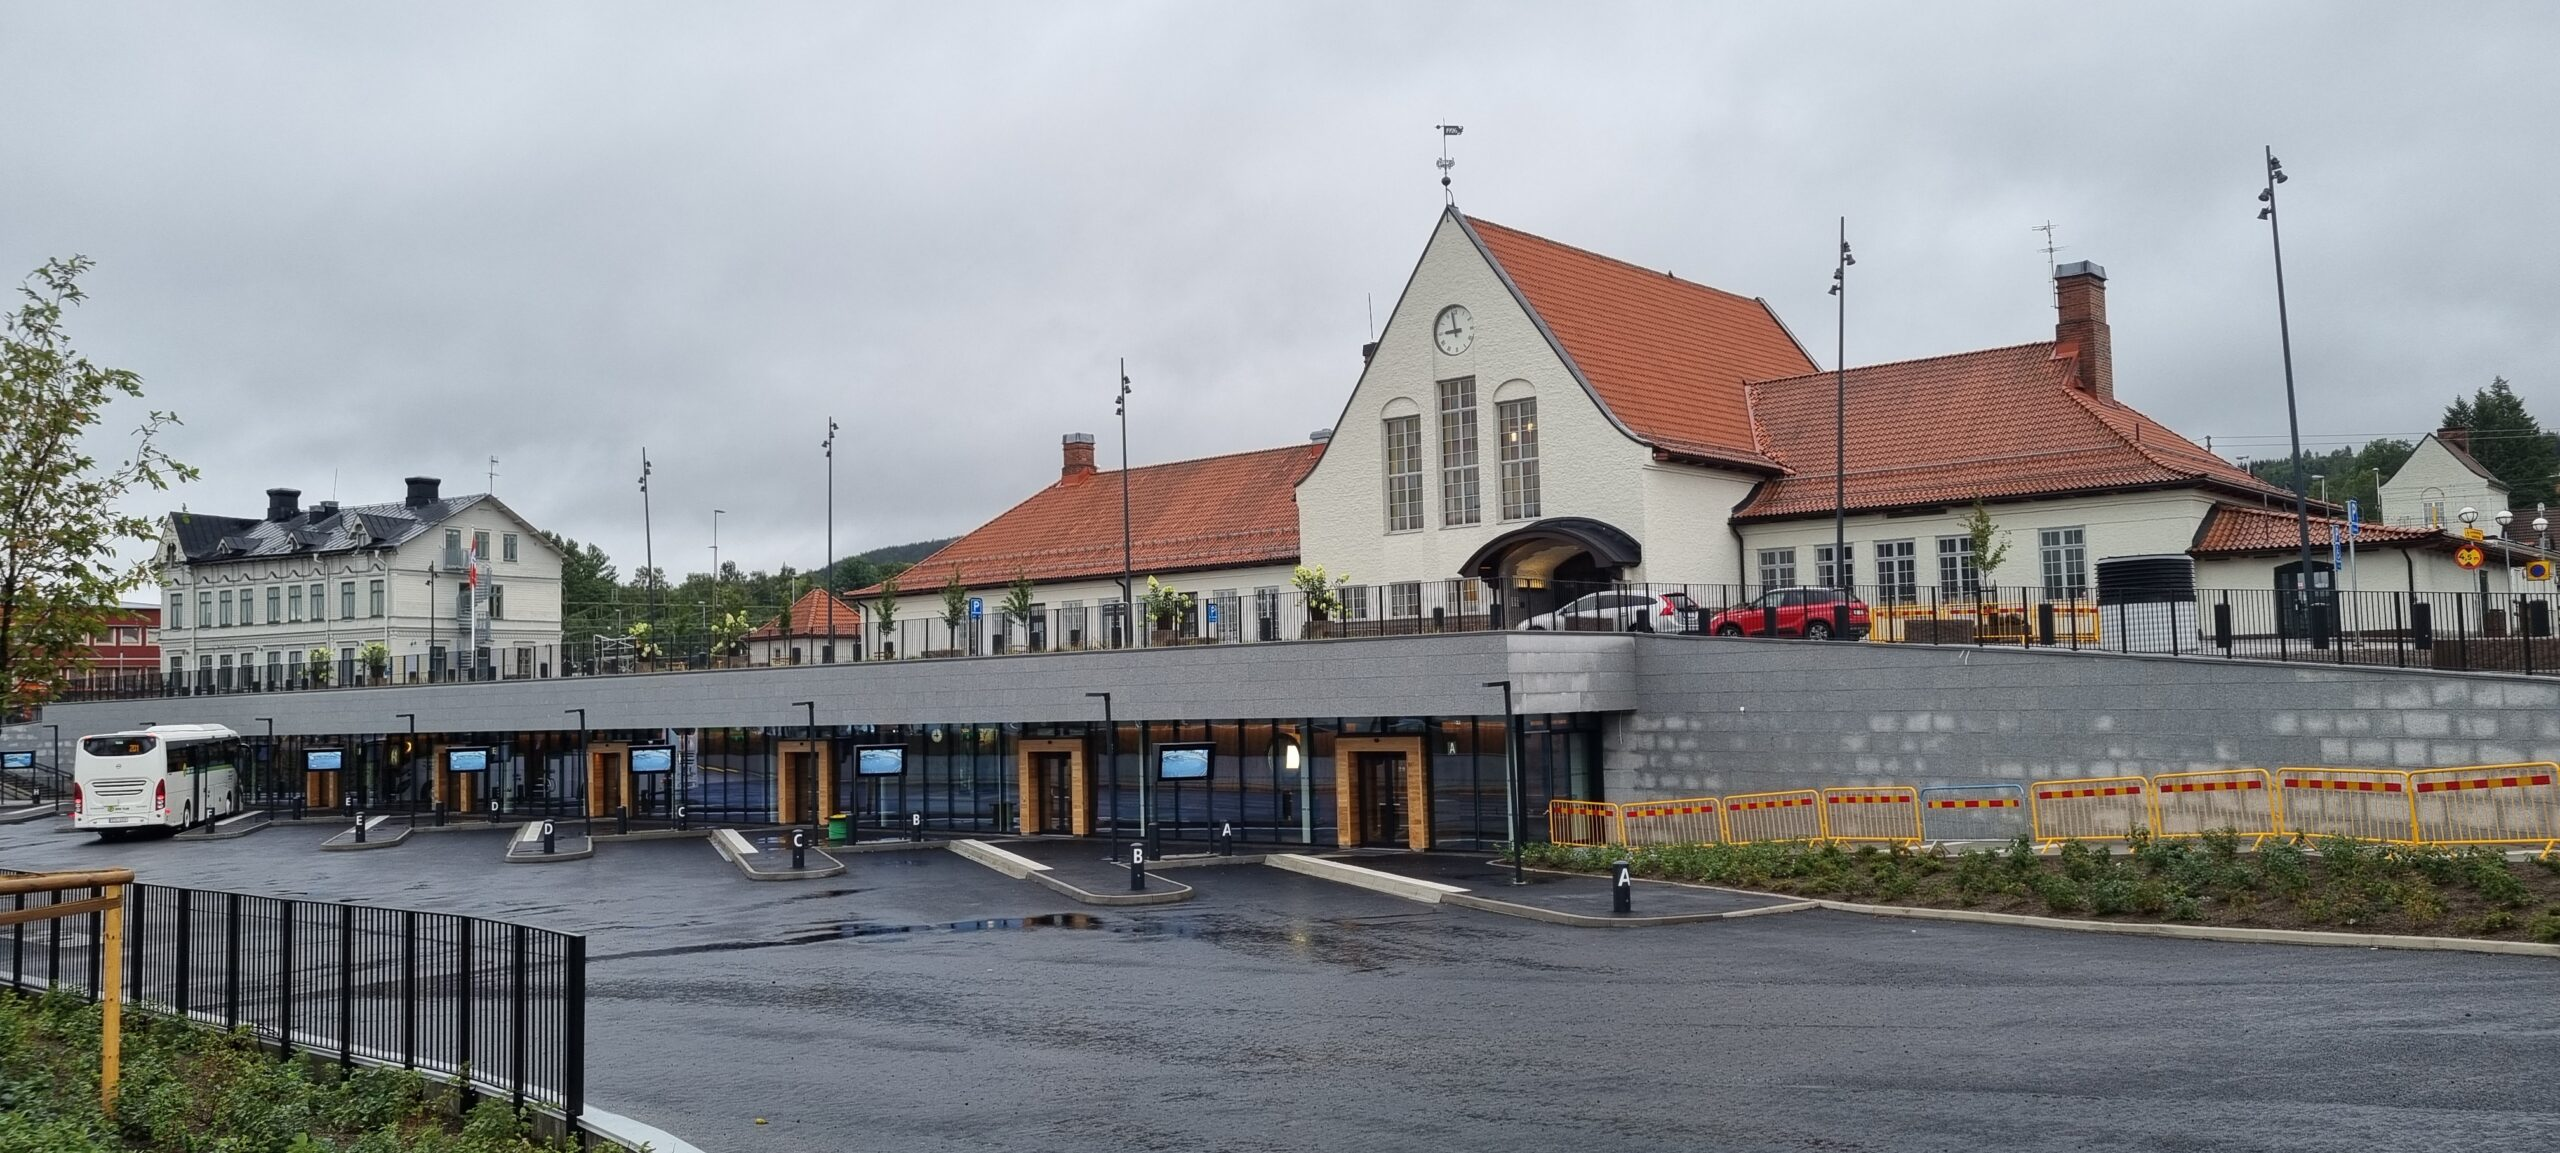 Busstation i undre plan och det anrika stationshuset i markplan